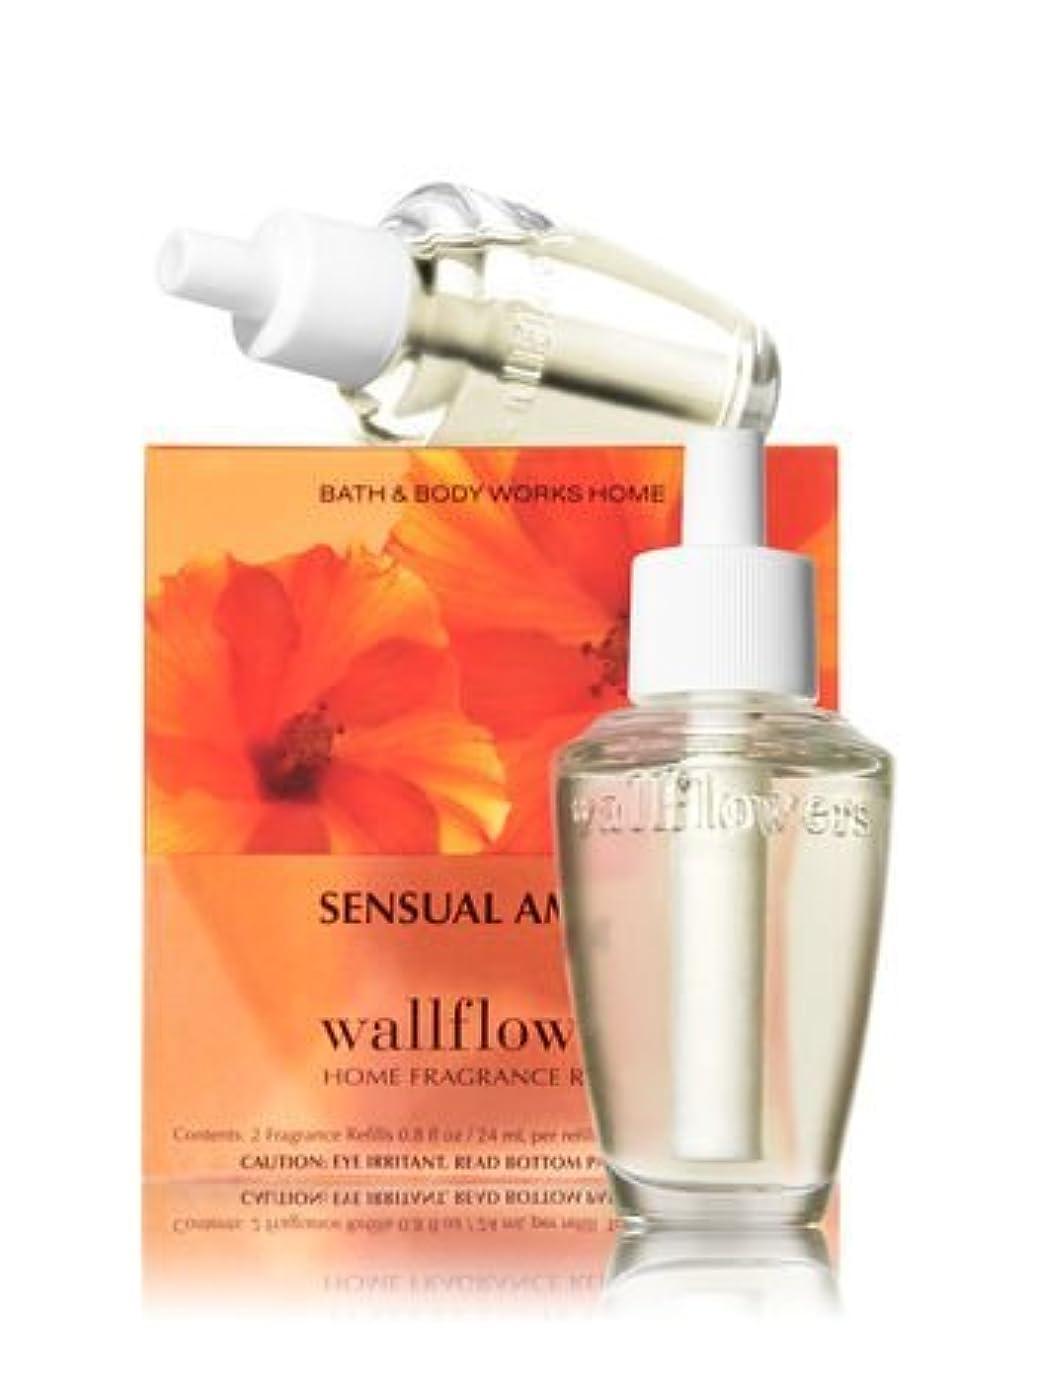 寝てるカエルマウントバンク【Bath&Body Works/バス&ボディワークス】 ルームフレグランス 詰替えリフィル(2個入り) センシュアルアンバー Wallflowers Home Fragrance 2-Pack Refills Sensual Amber [並行輸入品]